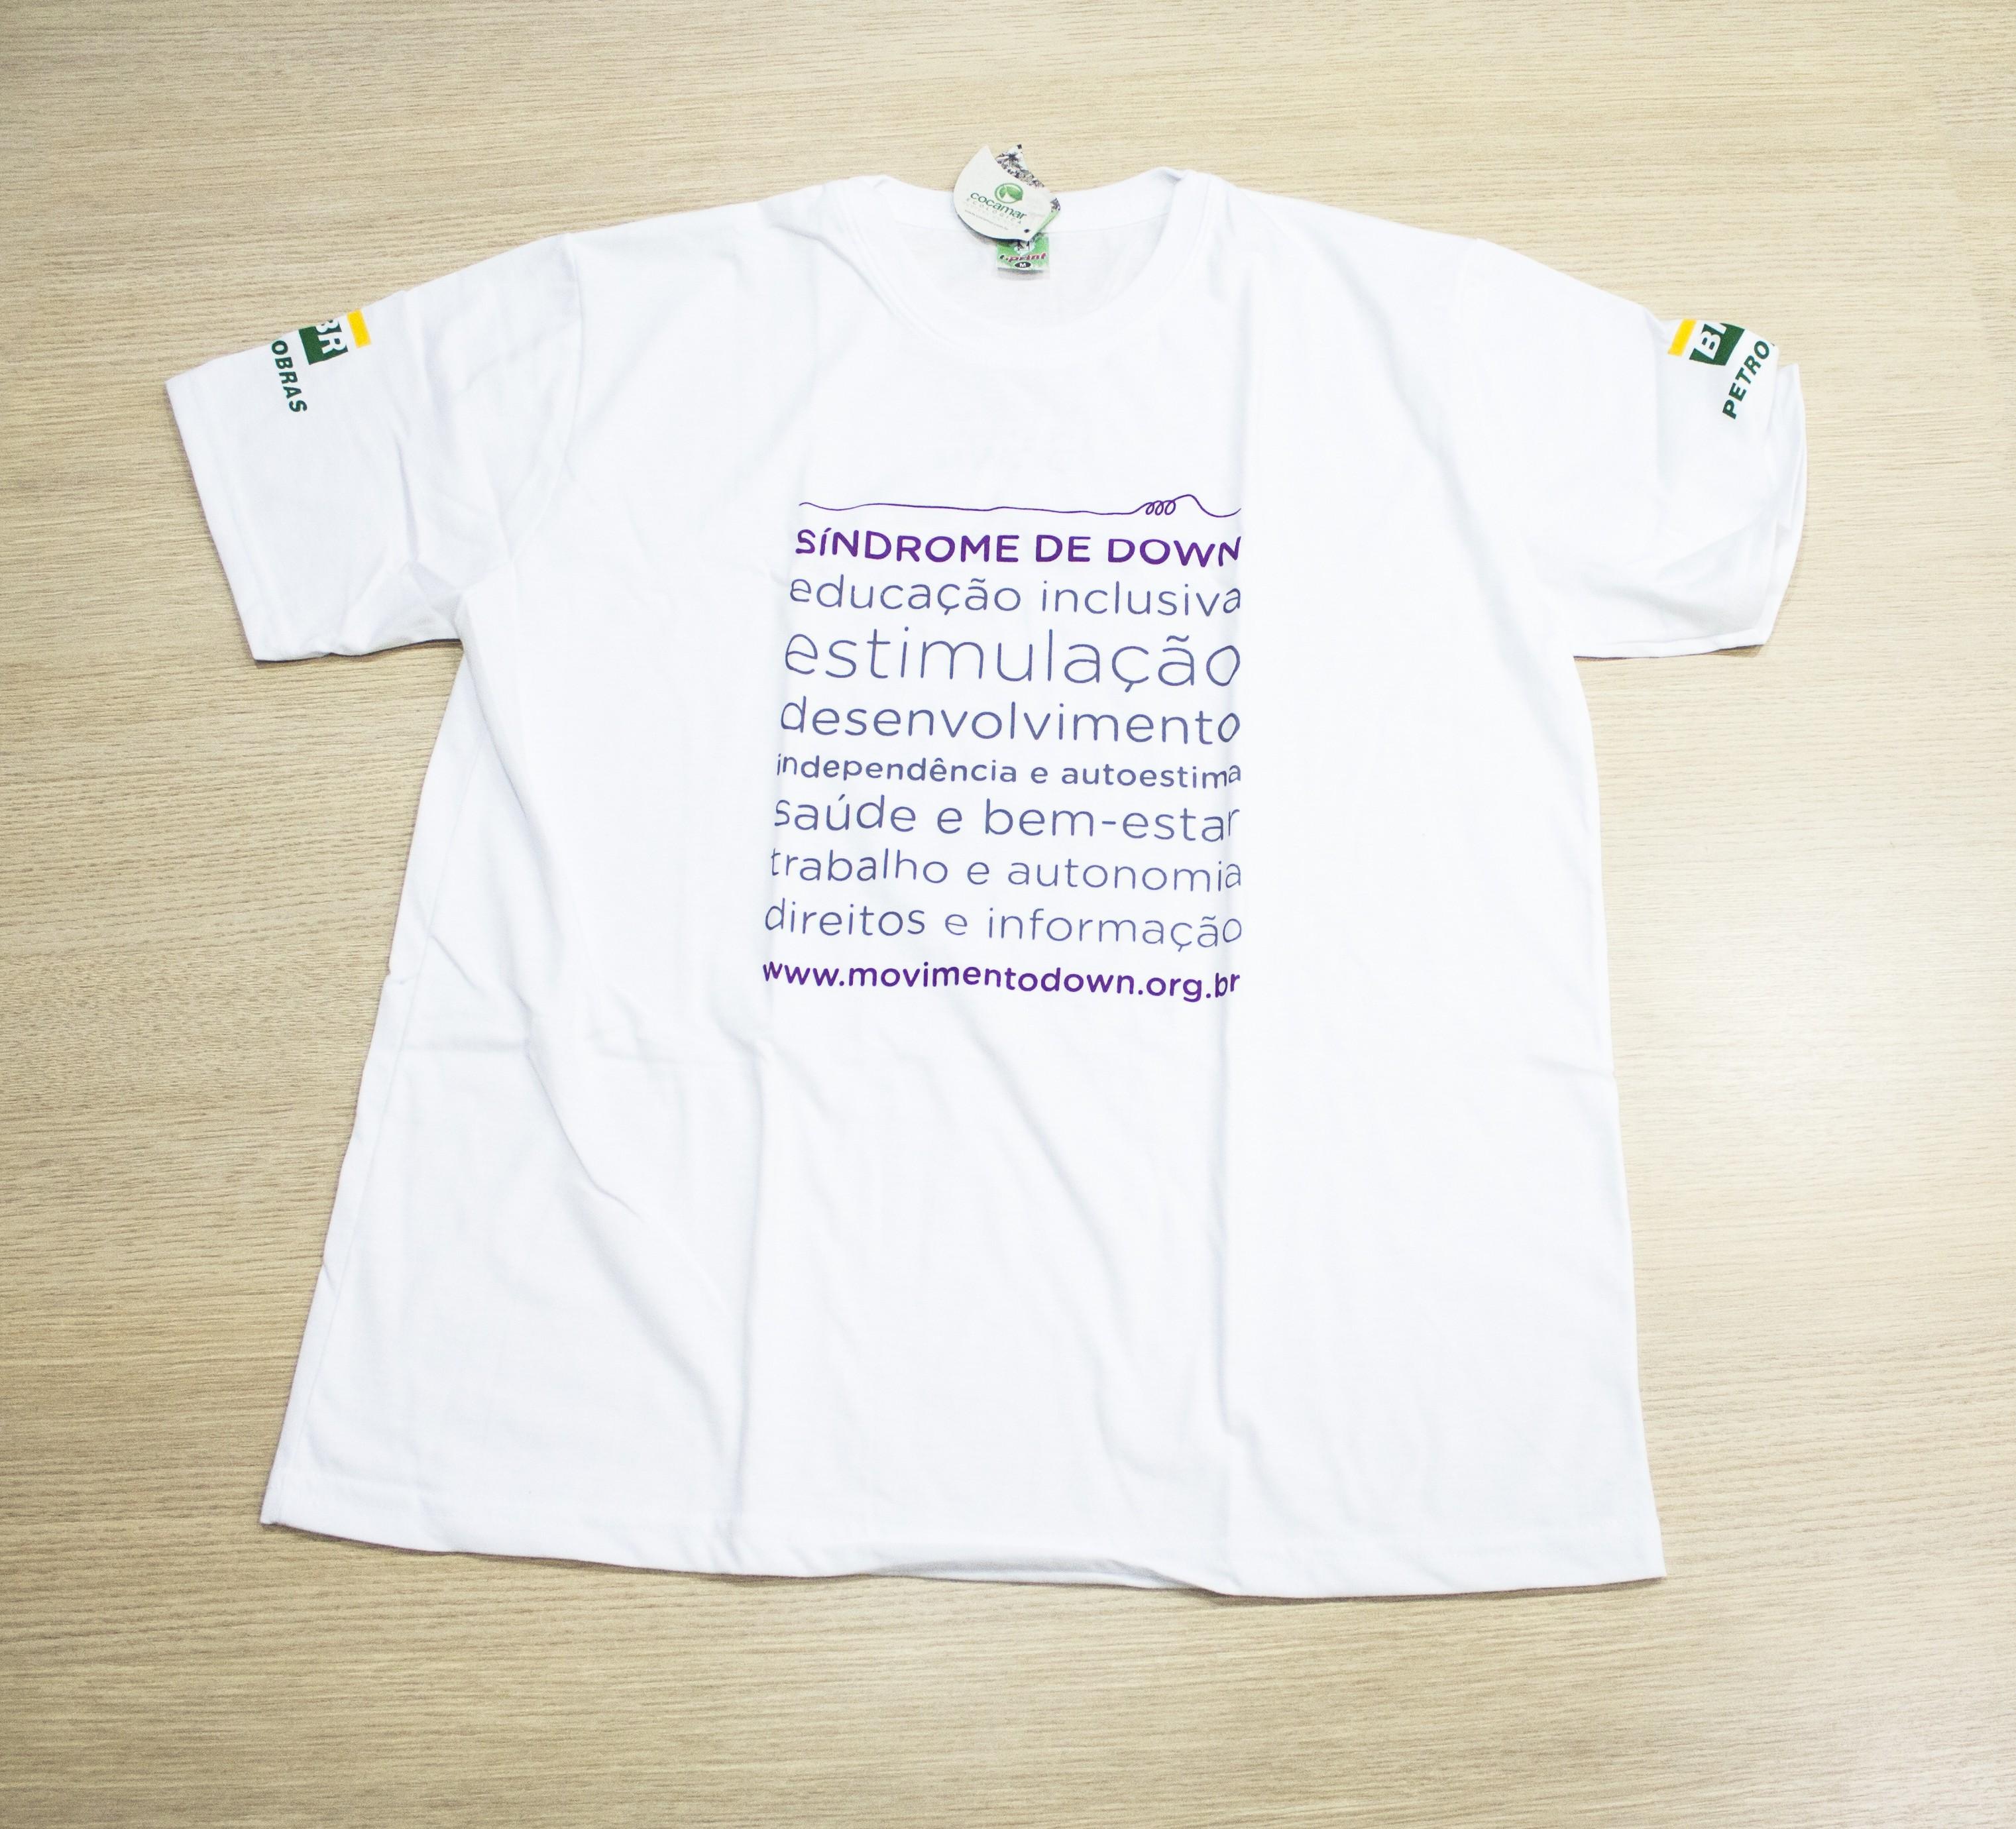 Camisa branca em malha ecológica com estampa de termos relacionados á inclusão e ao desenvolvimento.